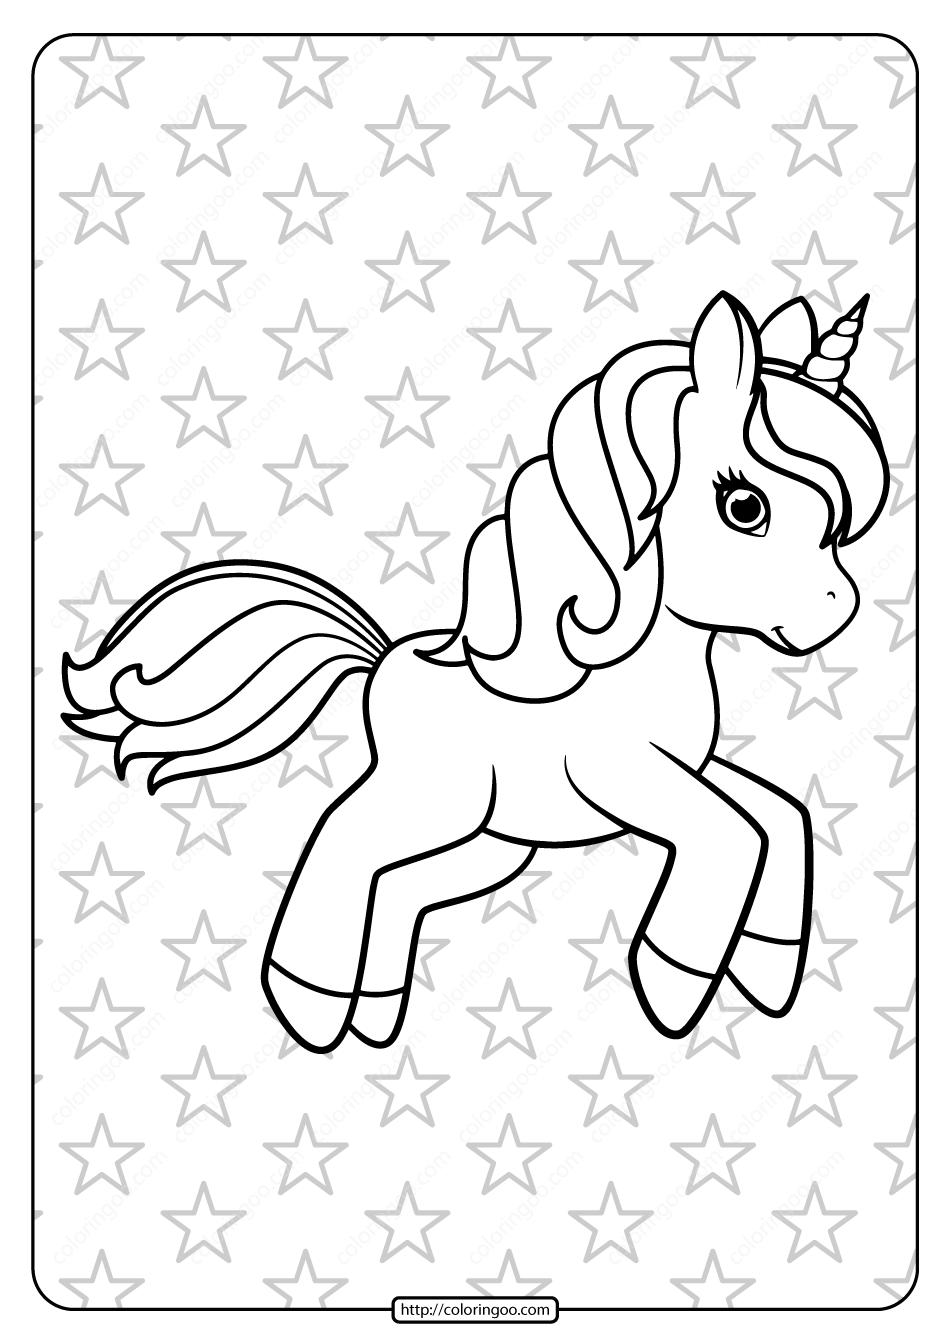 Free Printable Prancing Unicorn Pdf Coloring Page